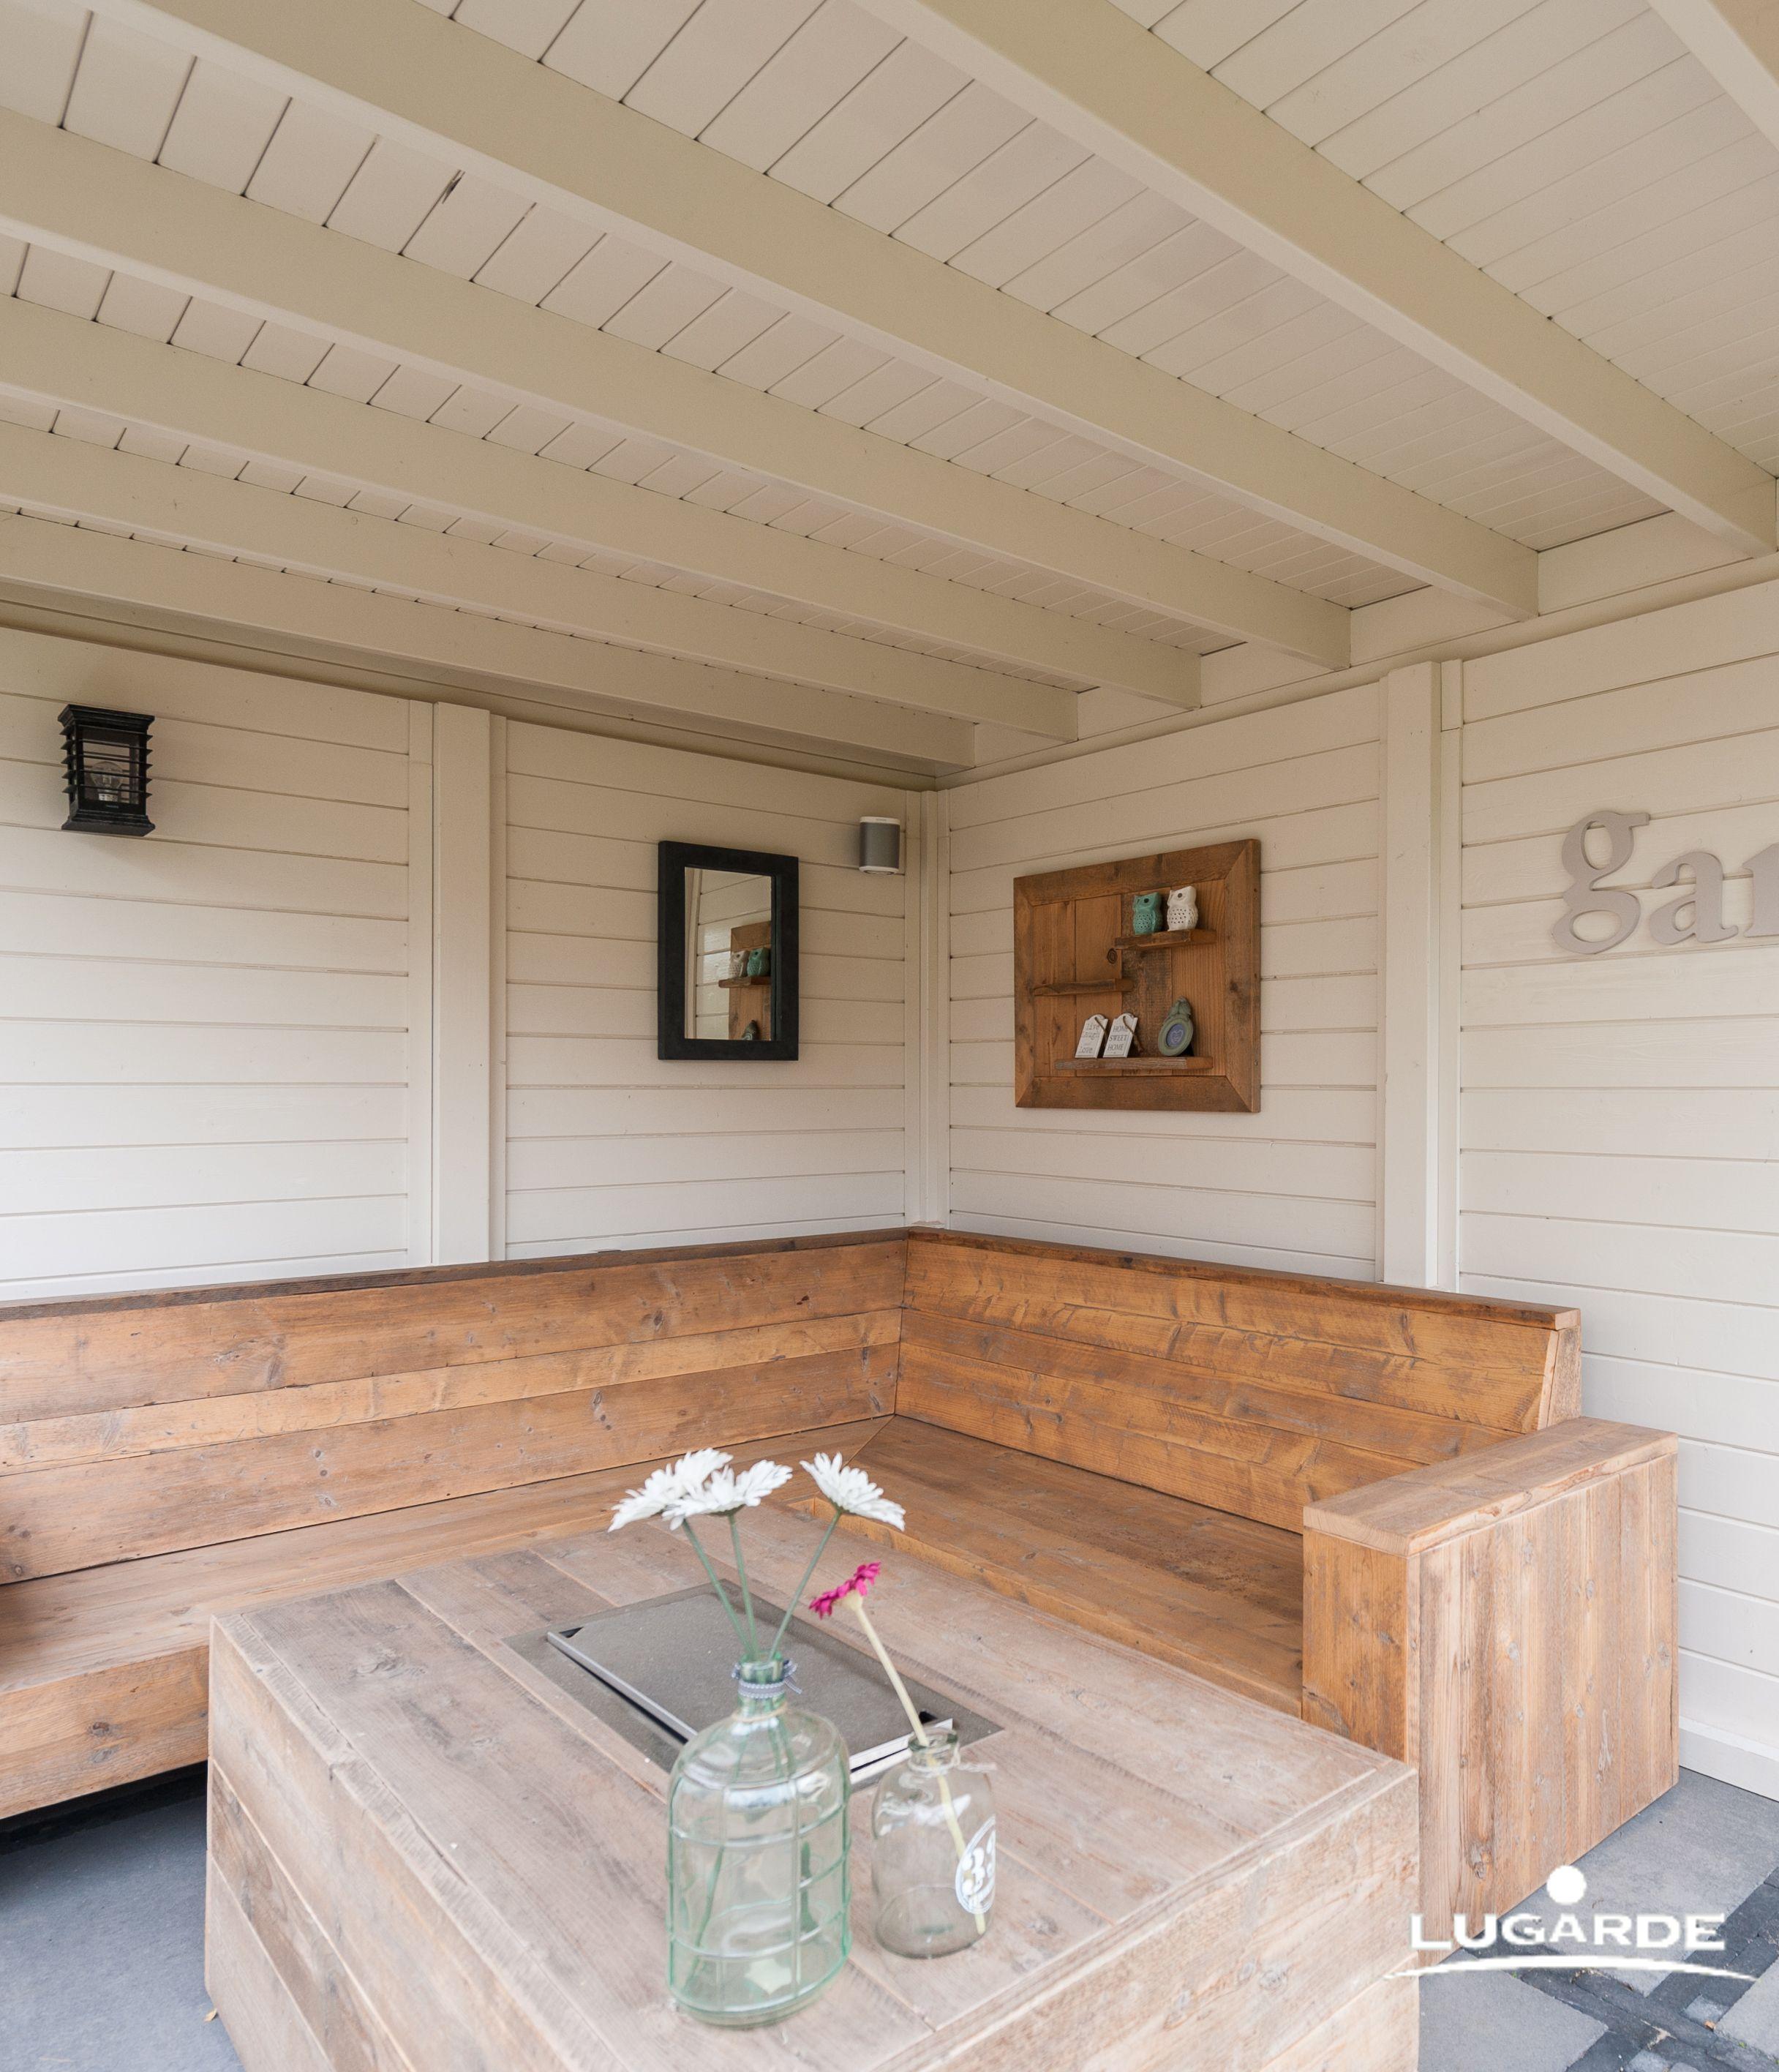 Rustikal stilvoll klassisch modern skandinavisch beim anblick dieser inneneinrichtung aus - Rustikal modern ...